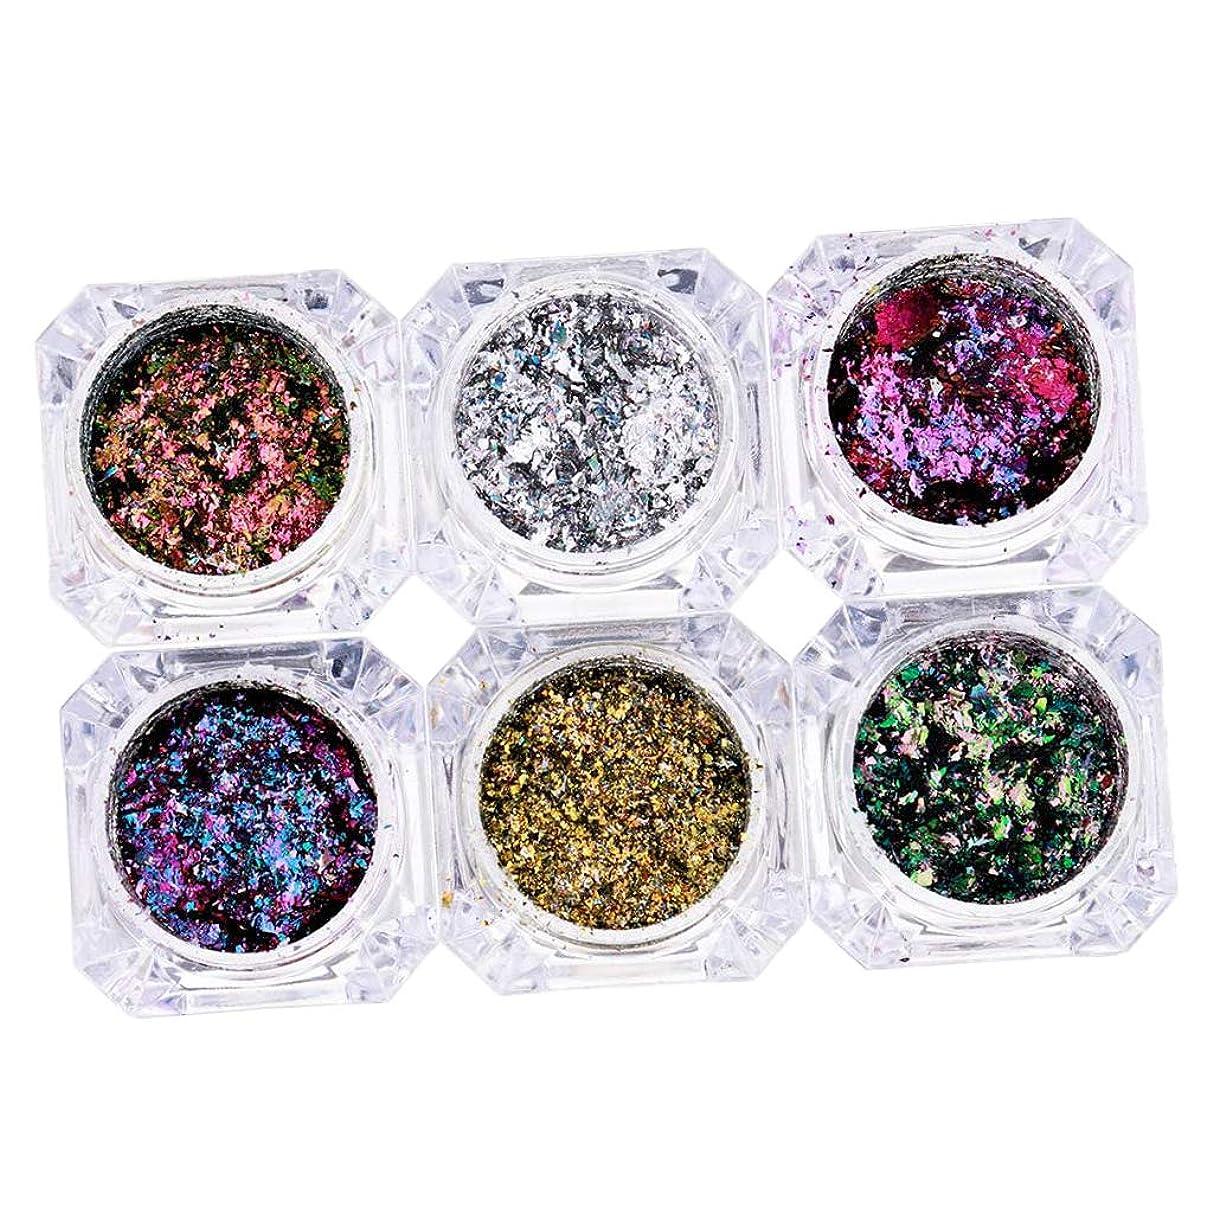 魔女鷹瞳Sharplace 混合色 ネイルアート装飾 6個セット 化粧品 キラキラ スパンコール メイクアップ 飾り